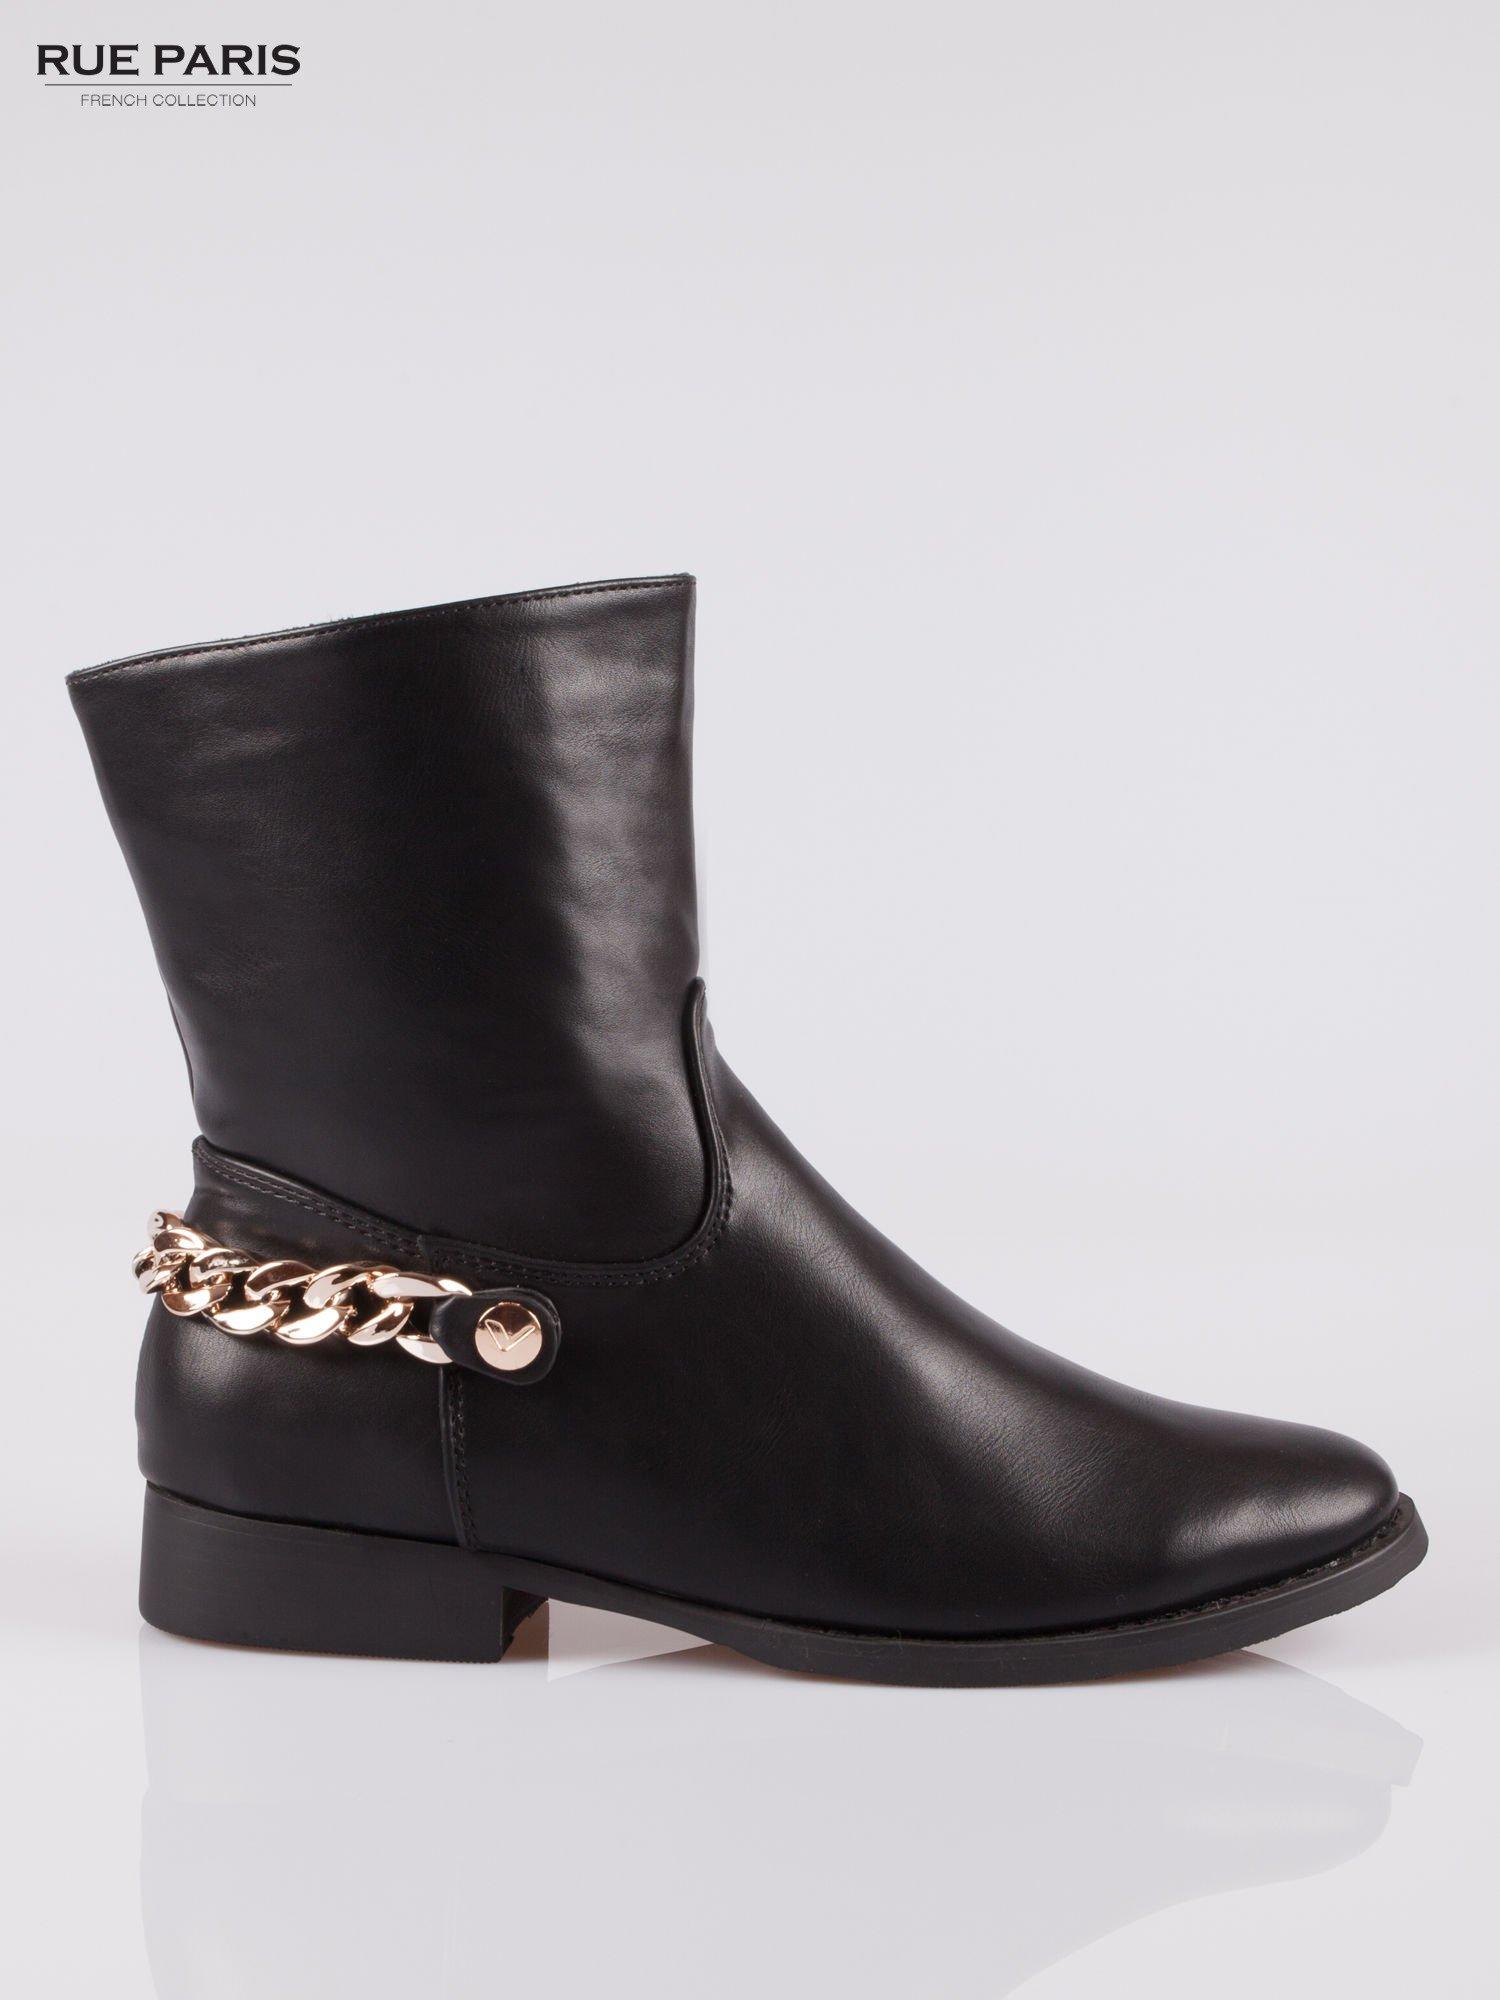 Czarne wysokie botki biker boots ze złotym łańcuchem z tyłu                                  zdj.                                  1